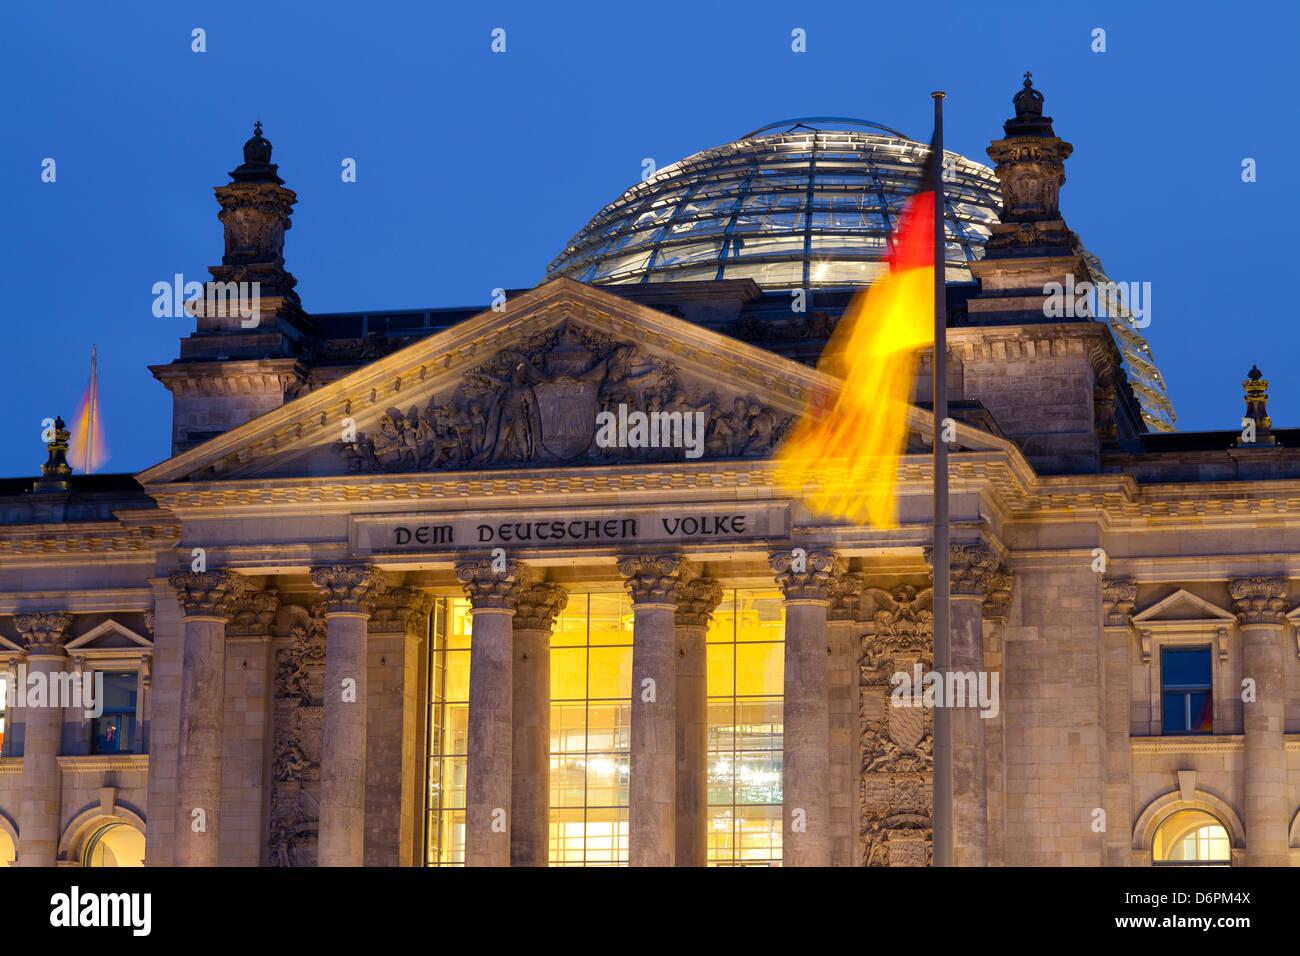 Nahaufnahme des Reichstags bei Nacht, Berlin, Deutschland, Europa Stockbild